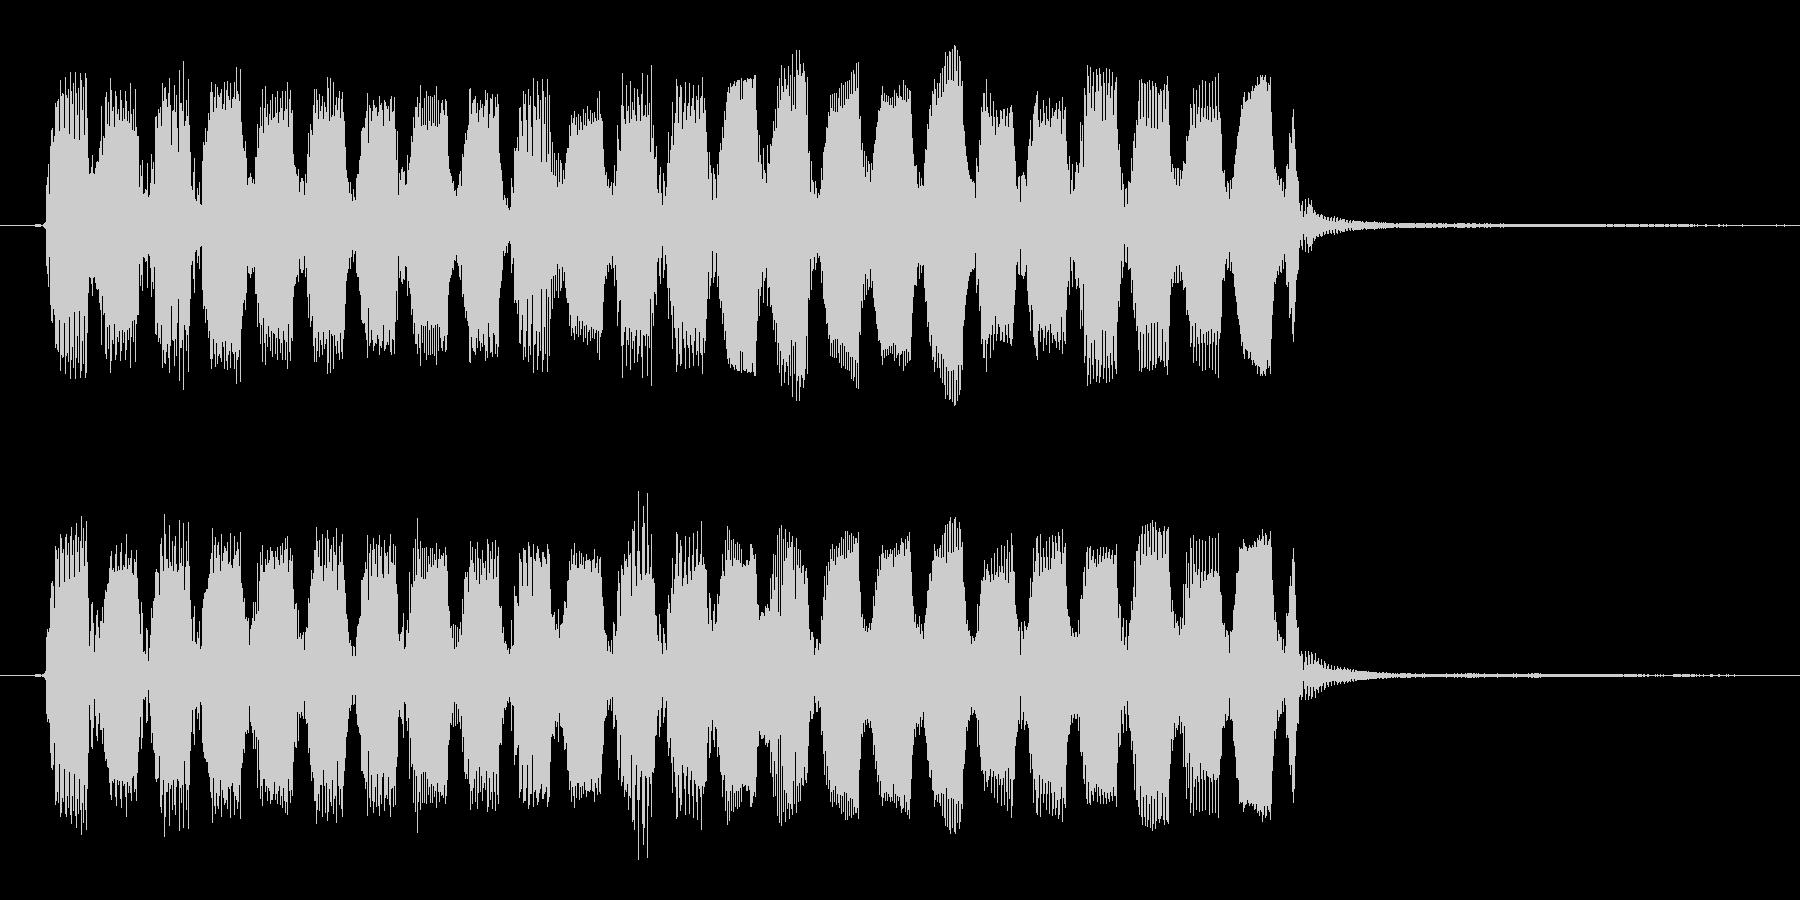 コミカルで変な効果音・アイテム出現音の未再生の波形